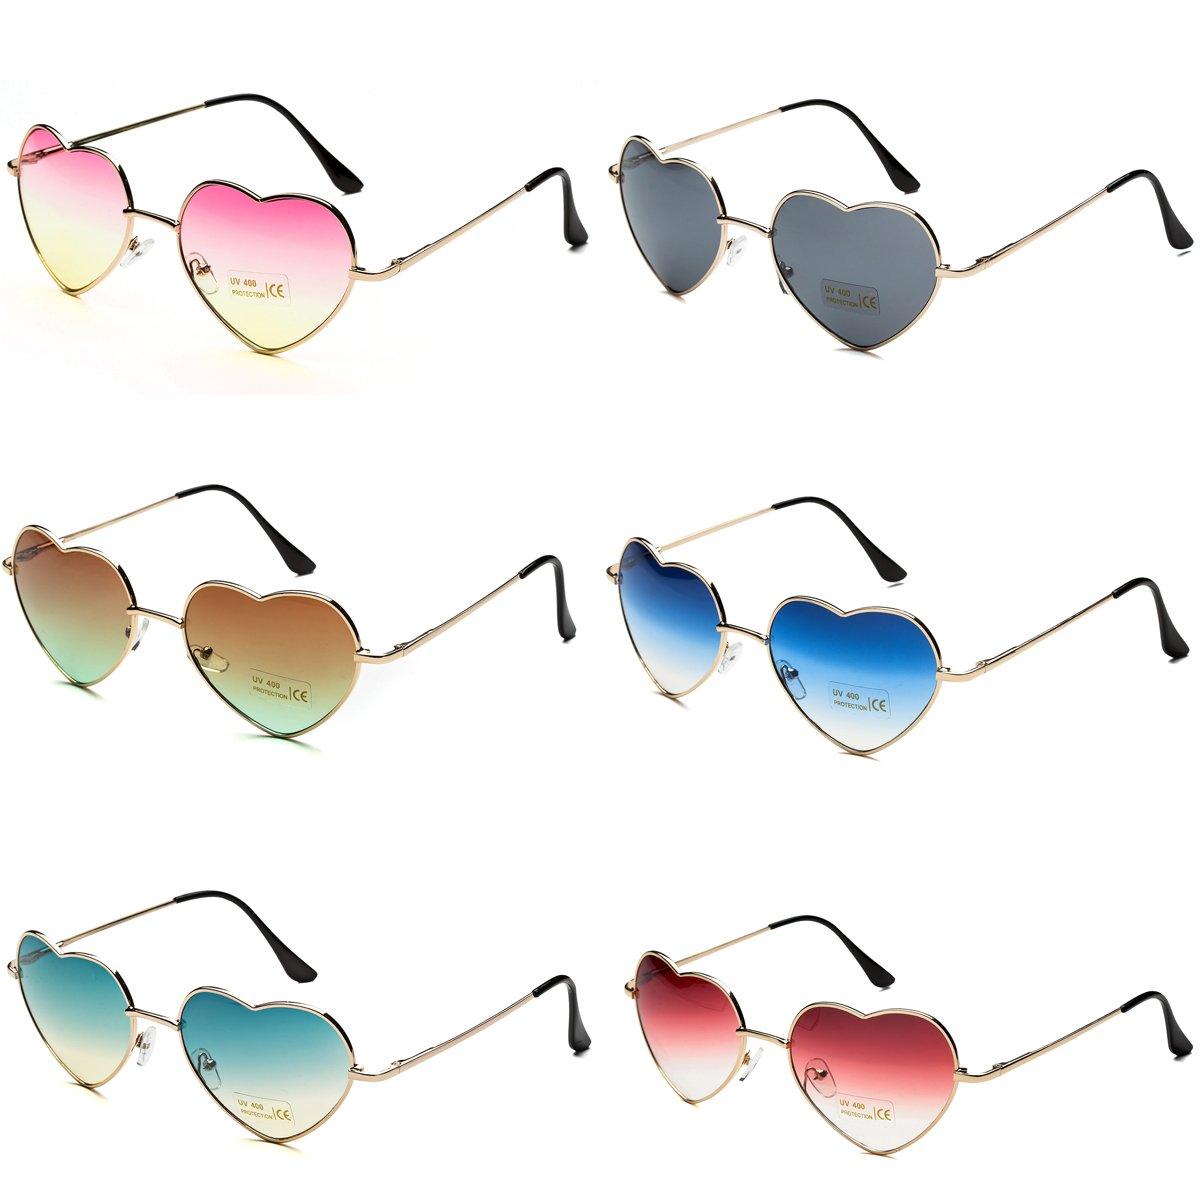 Dollger Sunglasses Pack Heart Shape Sunglasses Aviator Style for Women (Set of 6)